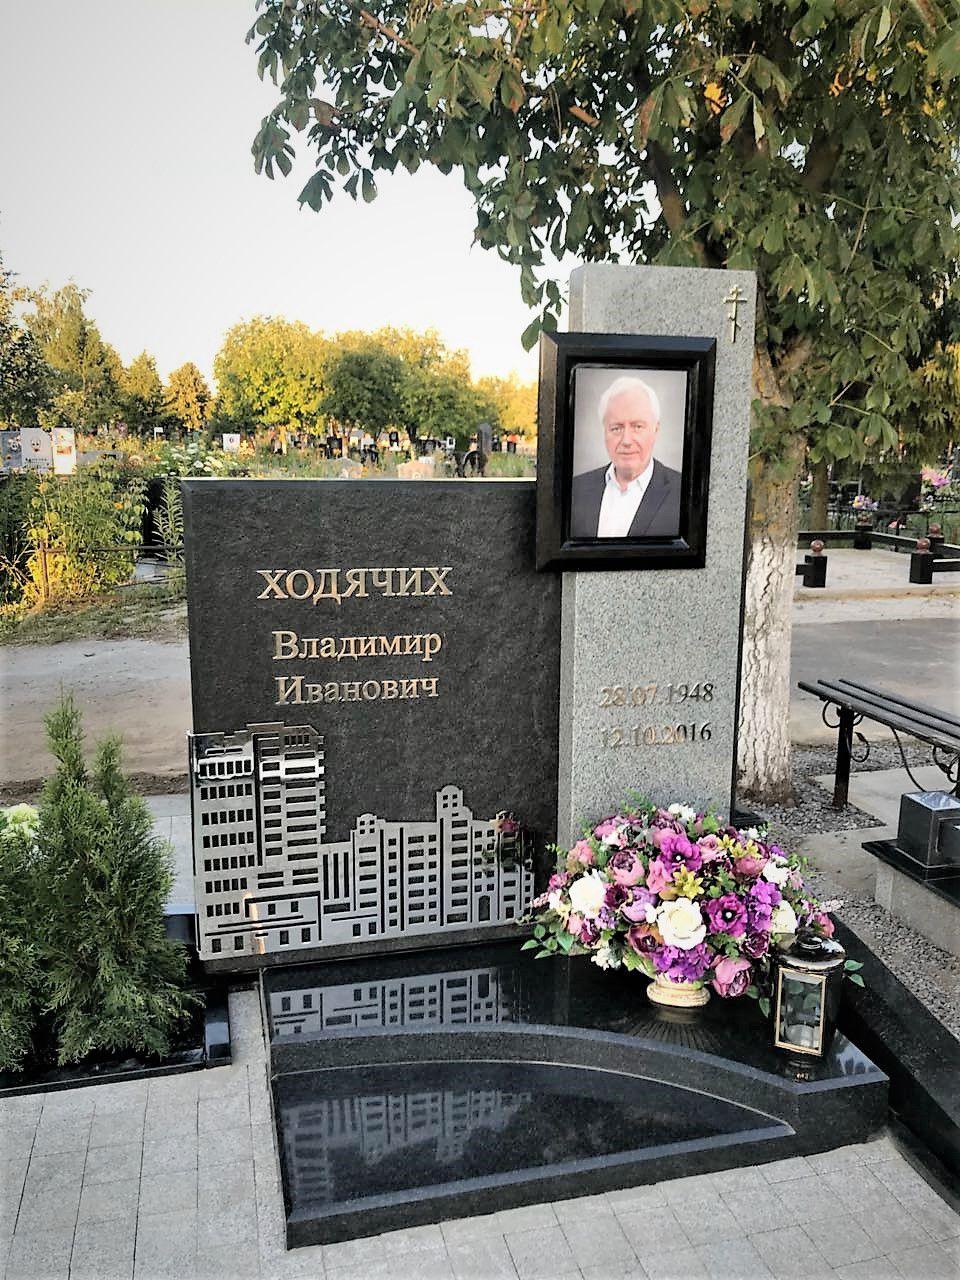 Установлен на Ячнево кл, г. Белгород.Мемориал